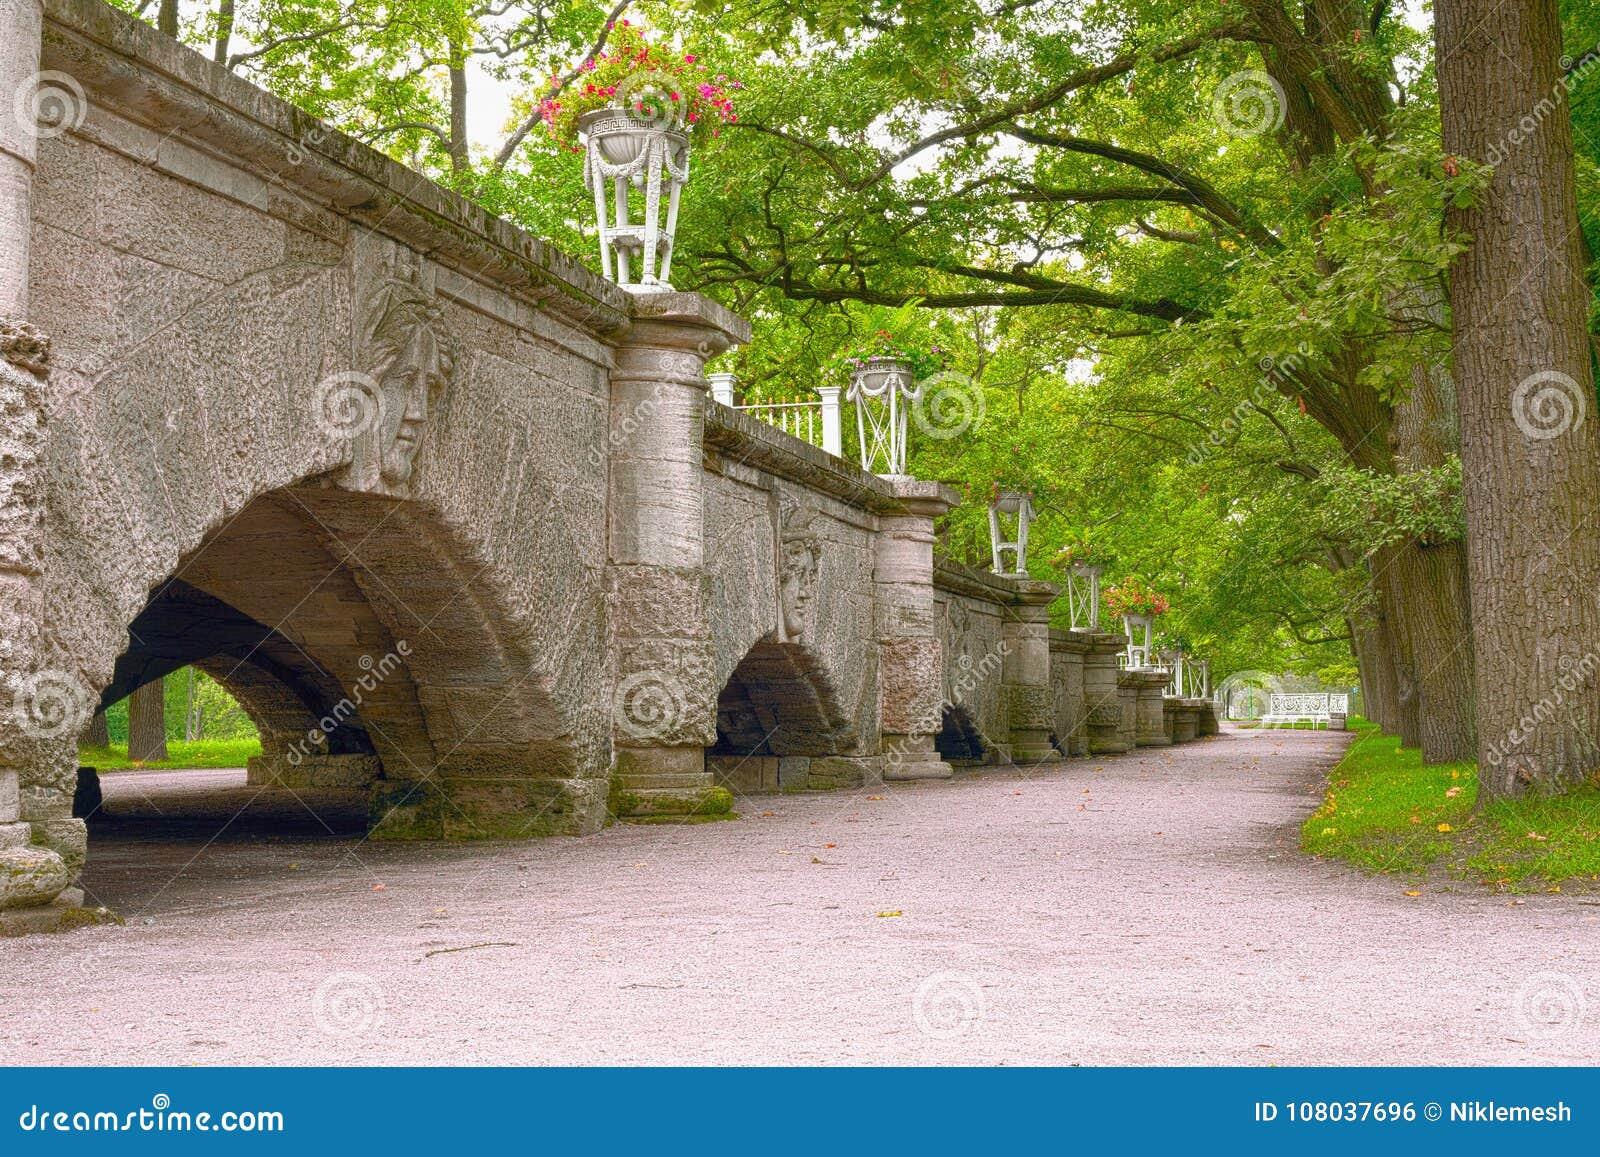 对凯瑟琳公园的一架柔和倾斜的舷梯,装饰用花瓶由合并花的铸铁古典法坛碗 T